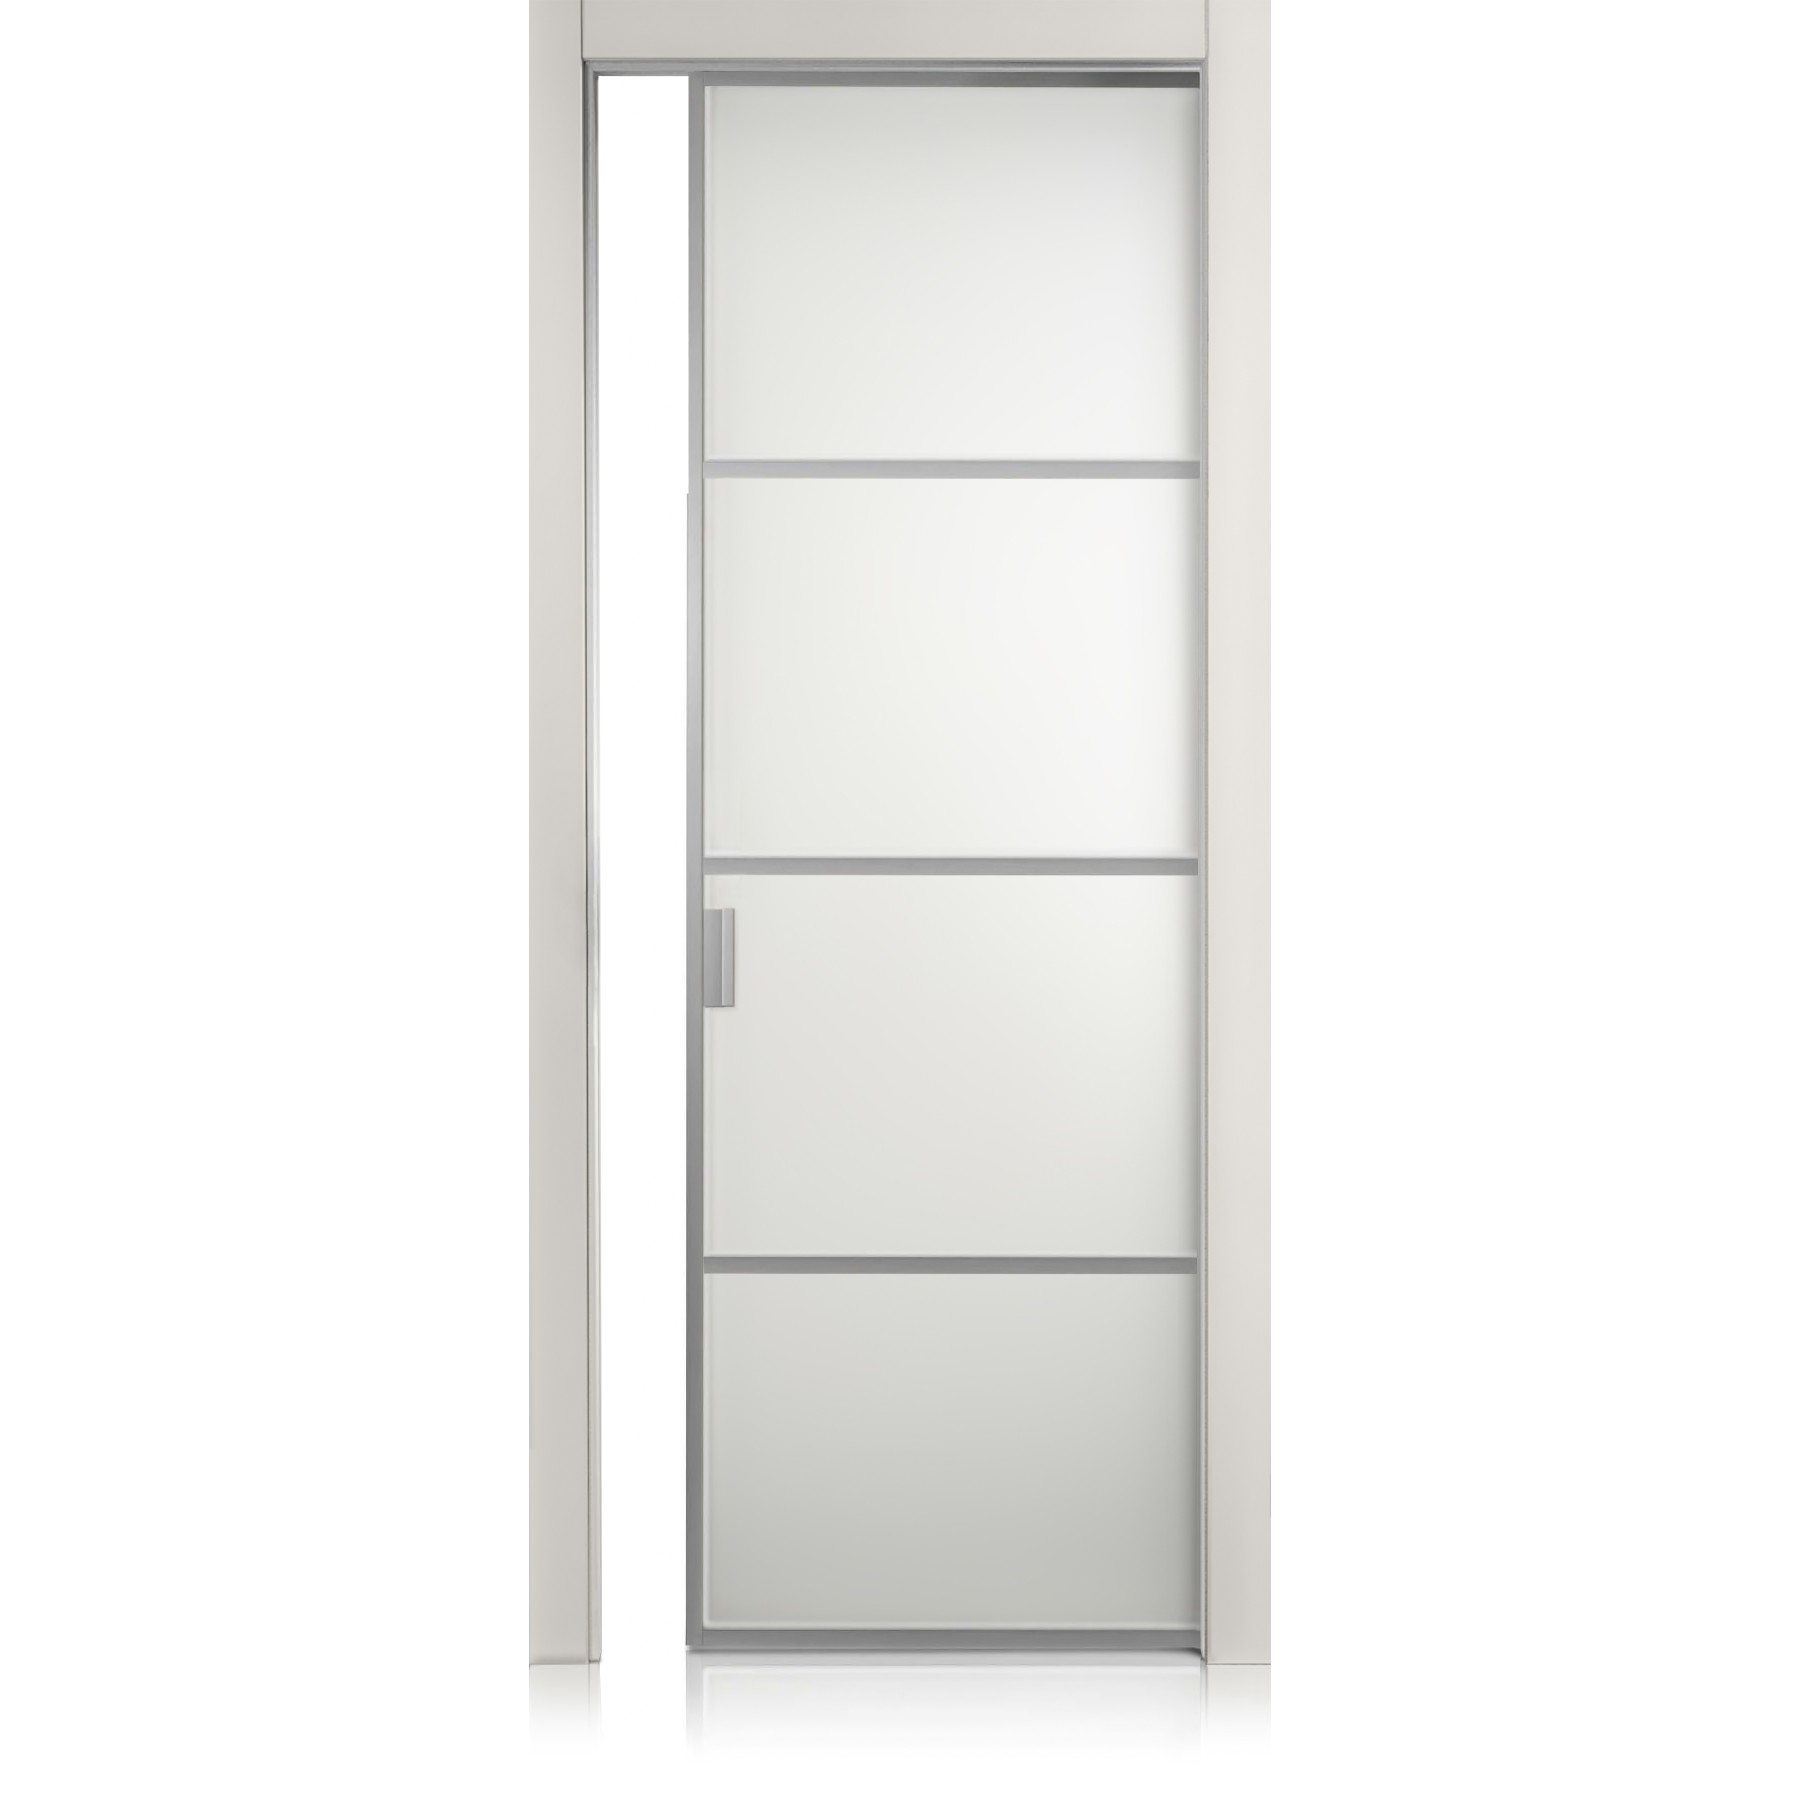 Cristal Frame / 3 grigio lux door